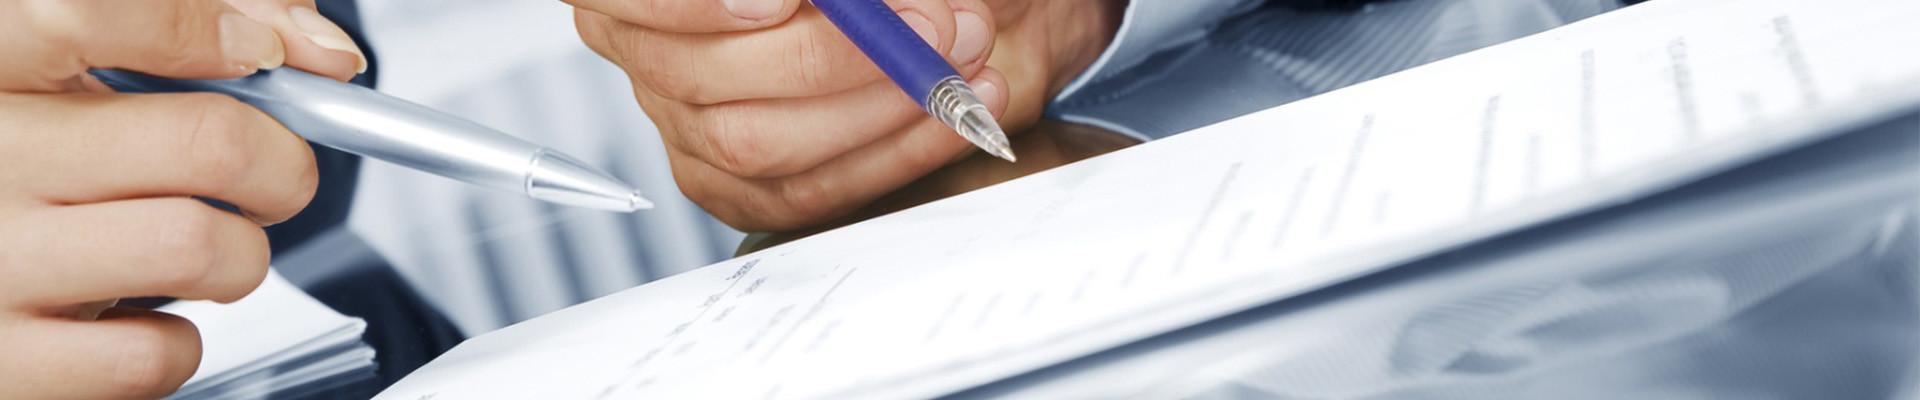 Consulenze condominiali e revisioni contabili